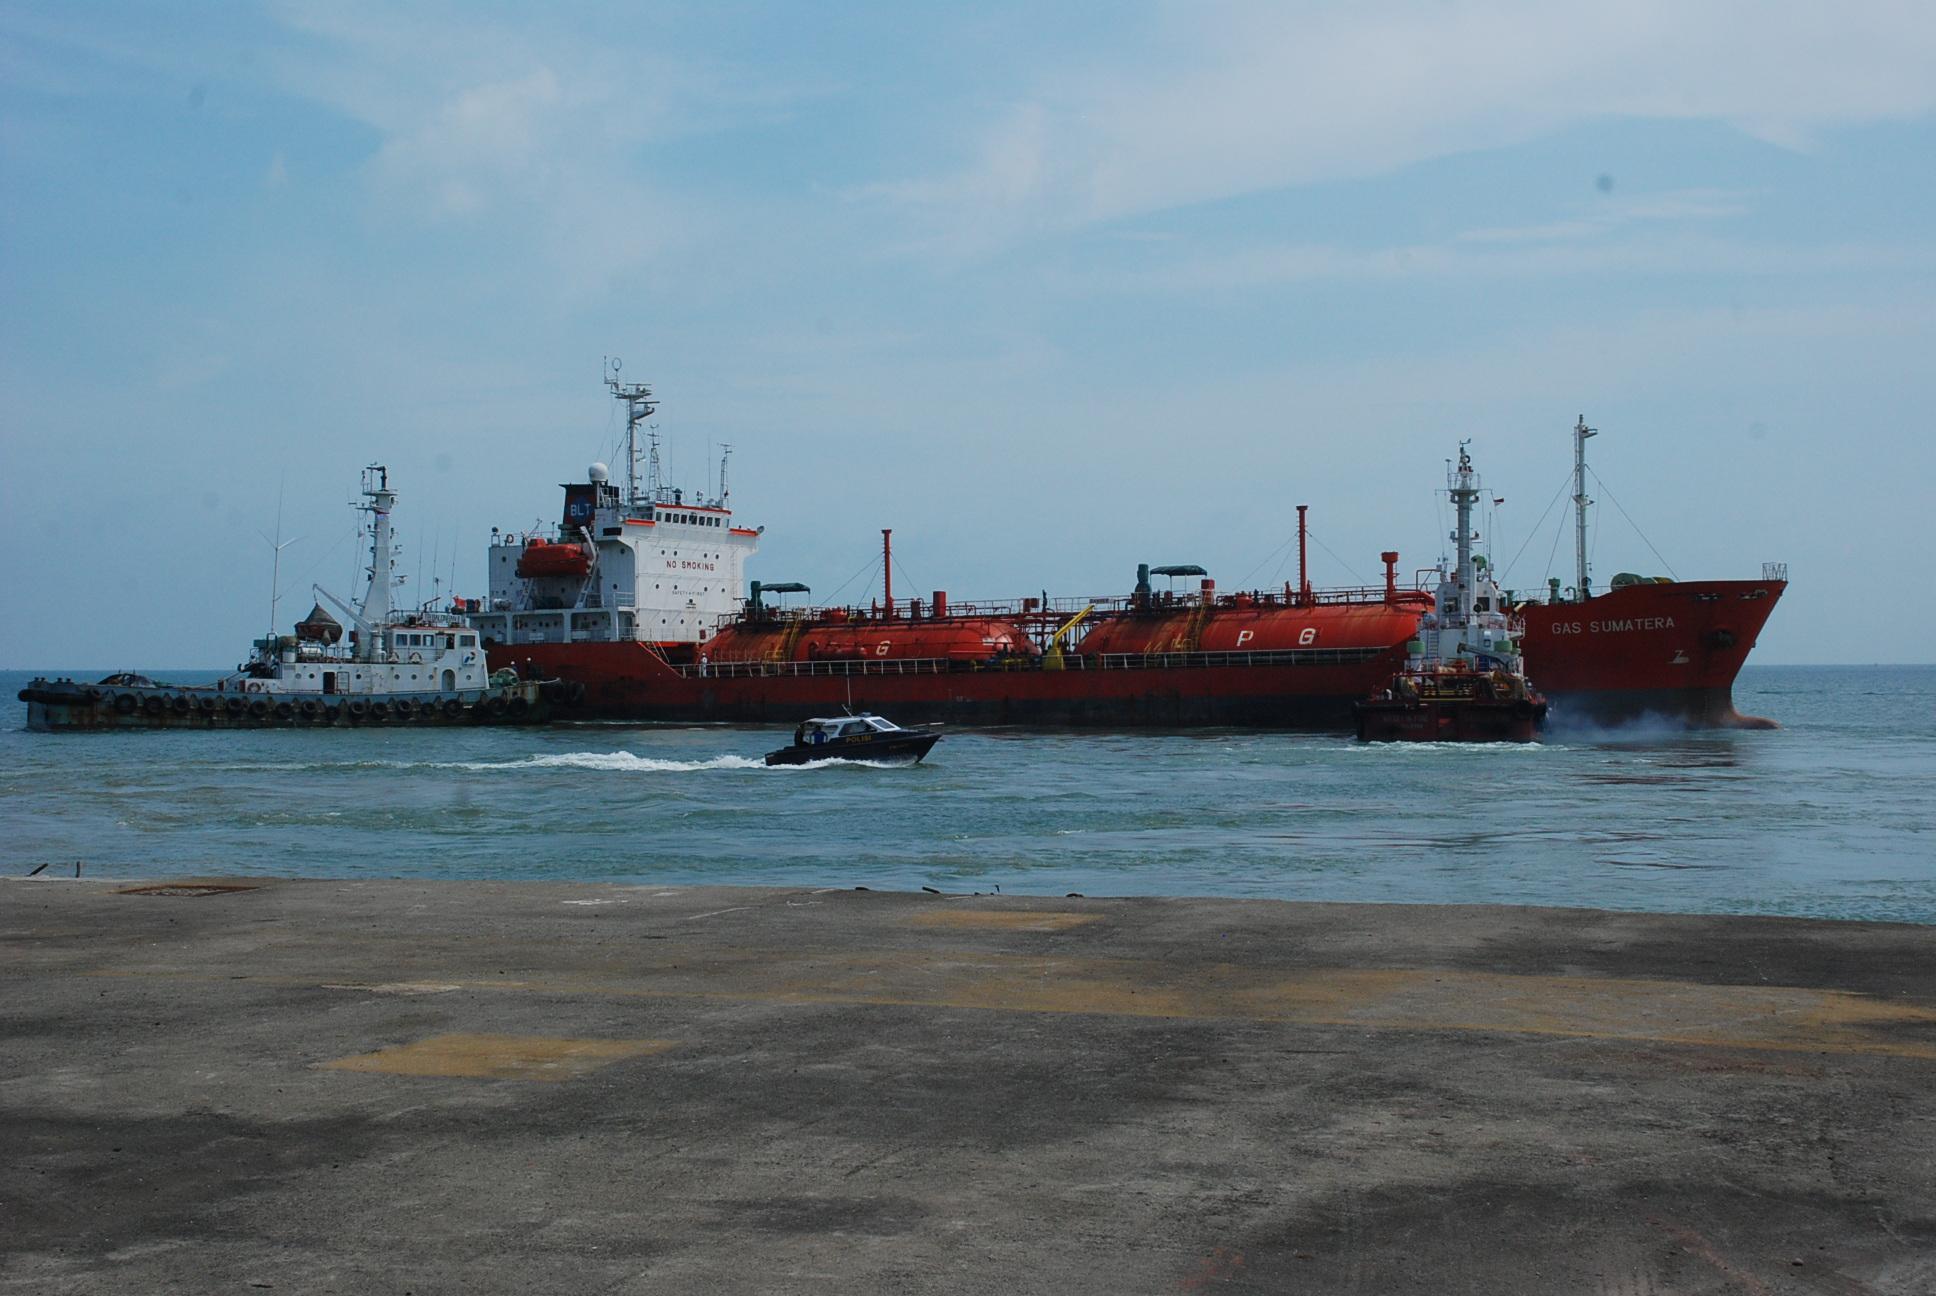 Menteri ESDM : Ekspor Nonmigas yang Harus Digenjot Agar Defisit Perdagangan Bisa Dihindari